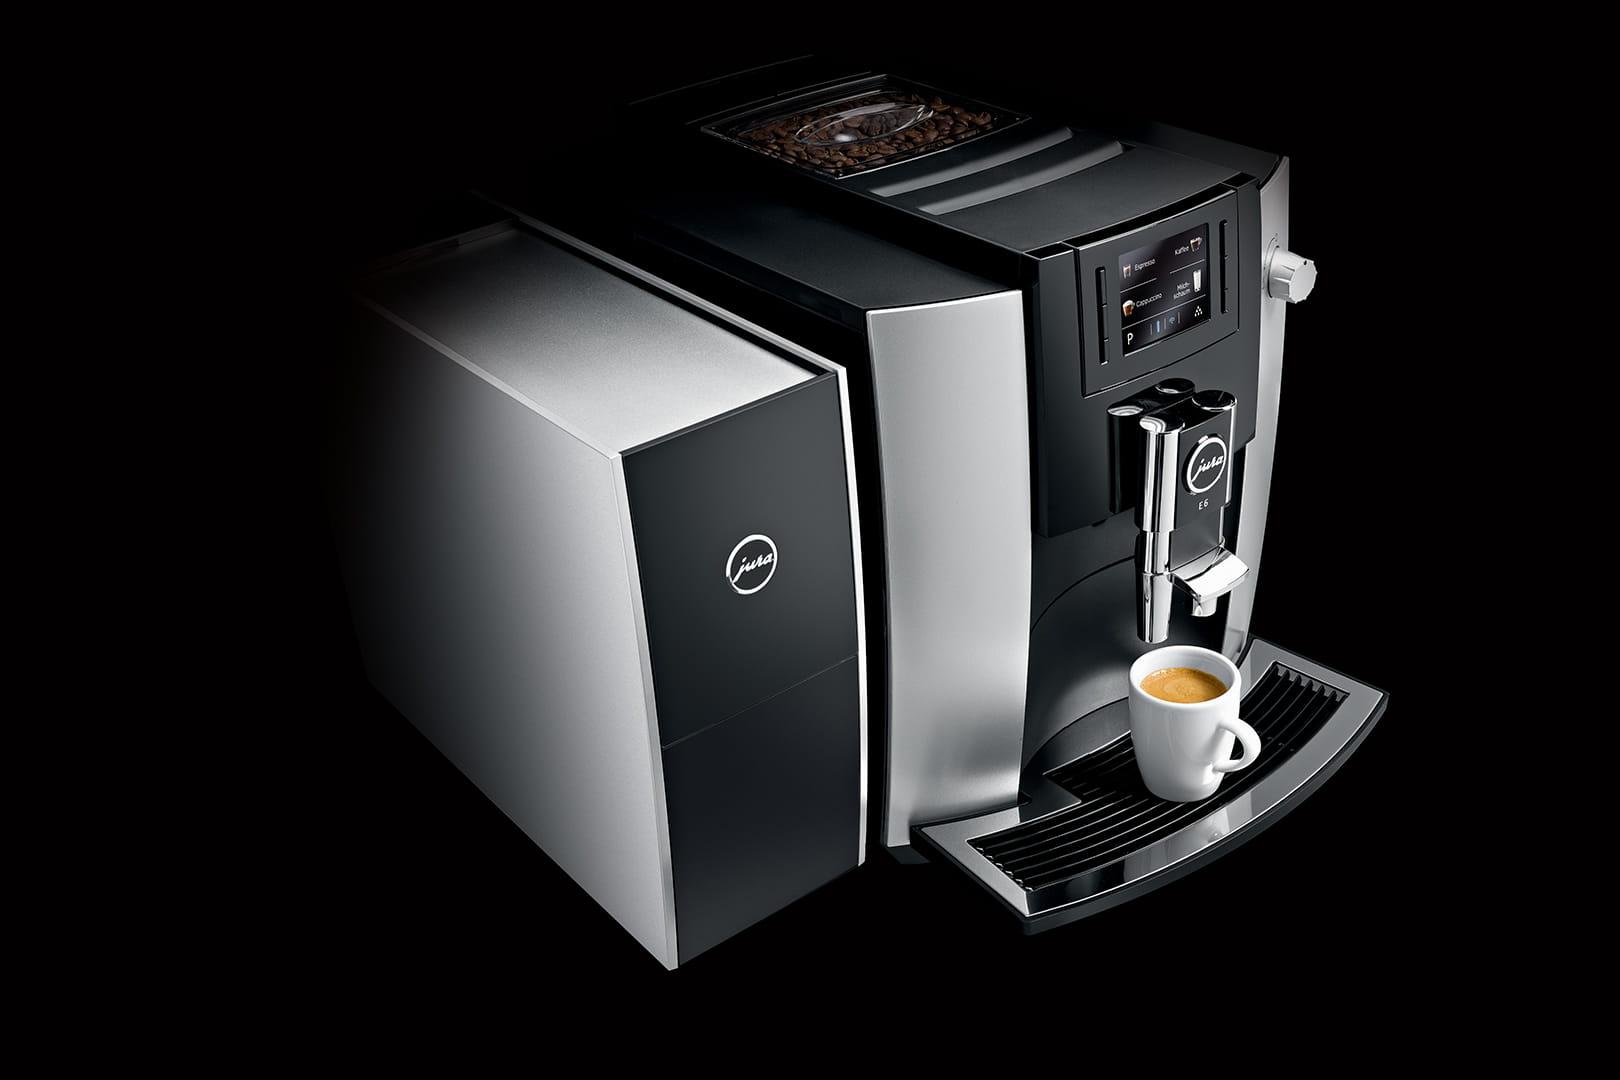 d82cc6a3a49 Cup warmer - JURA United Kingdom